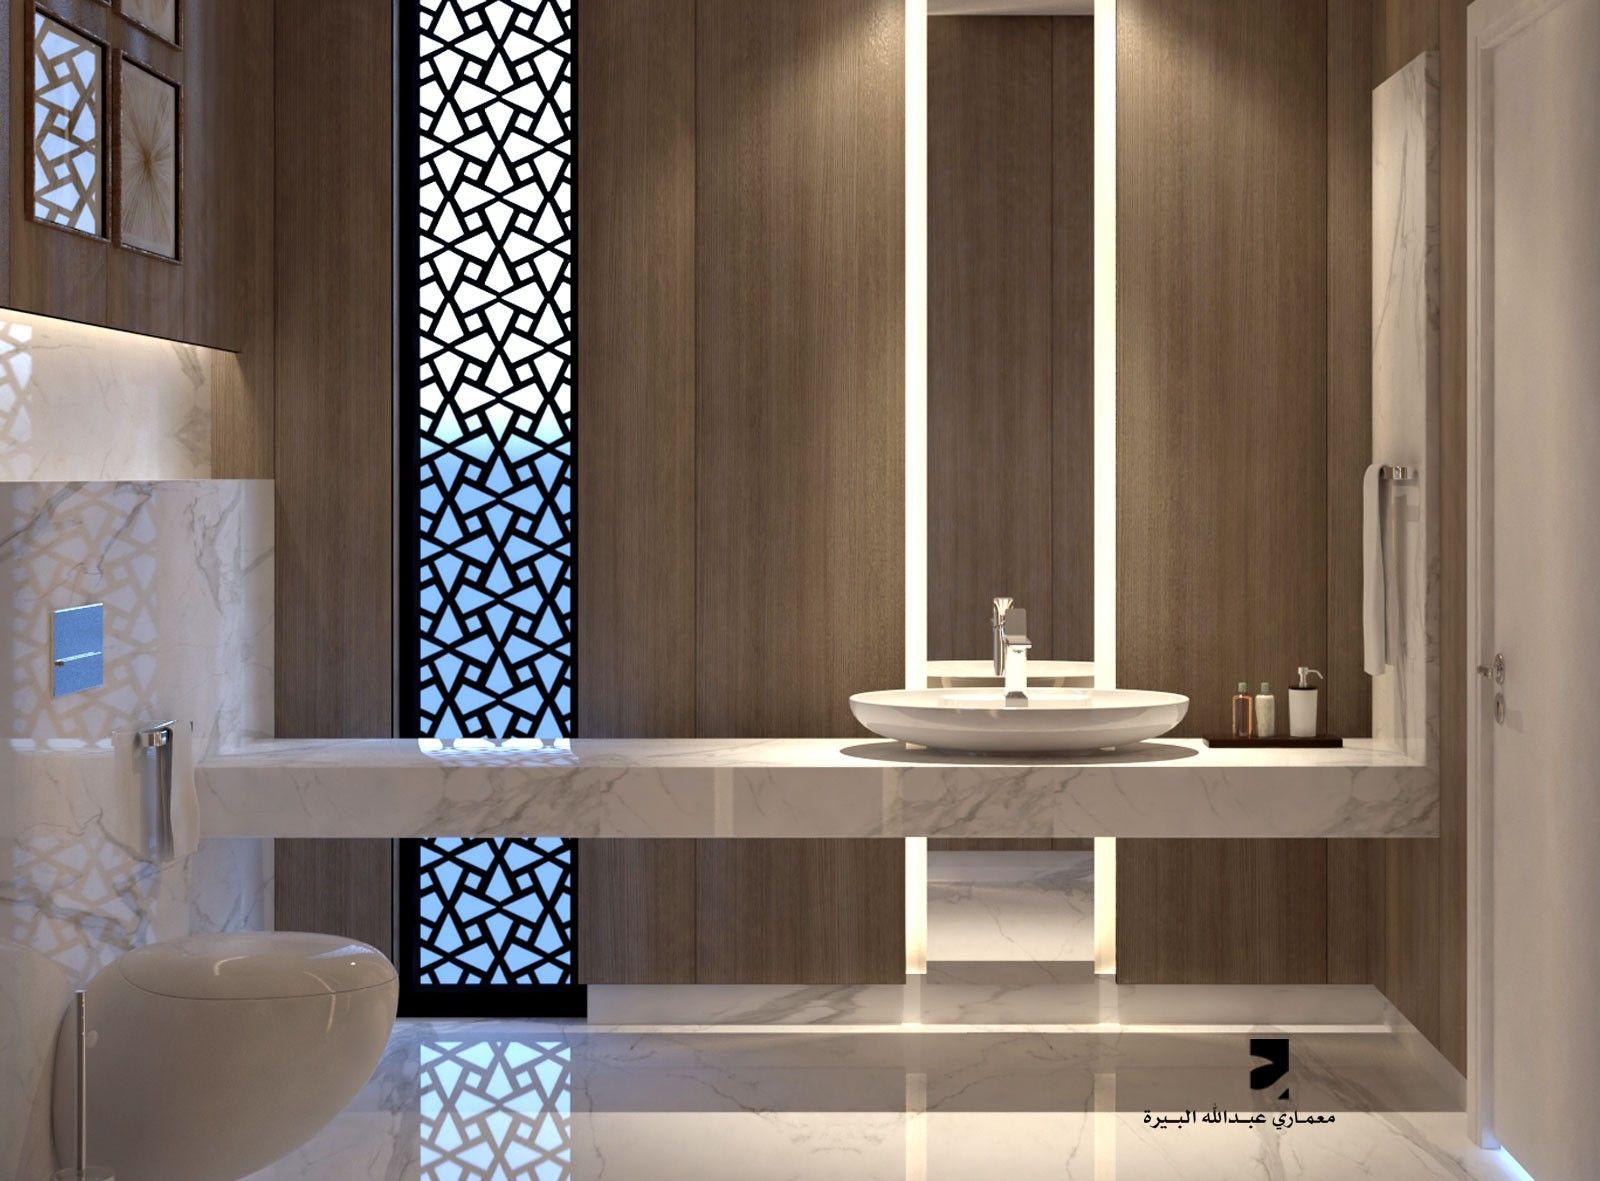 Bad ideen halbbäder guest bathroom by bera architect  badideen  pinterest  bad und